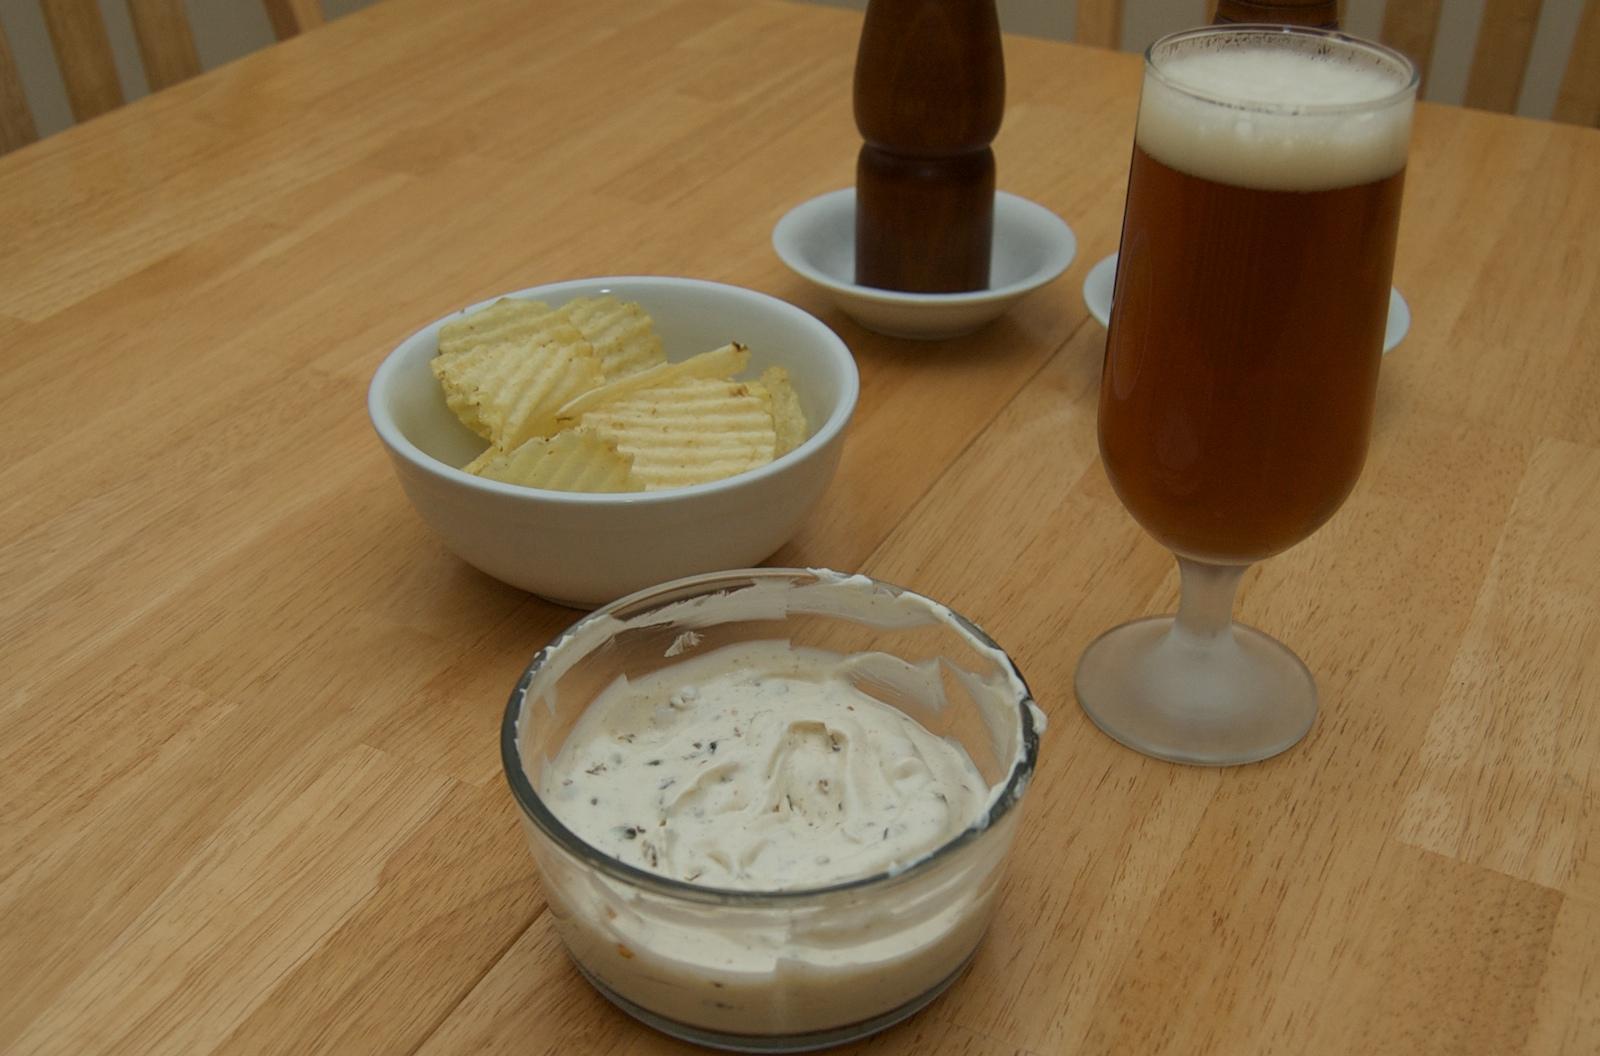 http://blog.rickk.com/food/2010/01/30/DSC_0008.jpg